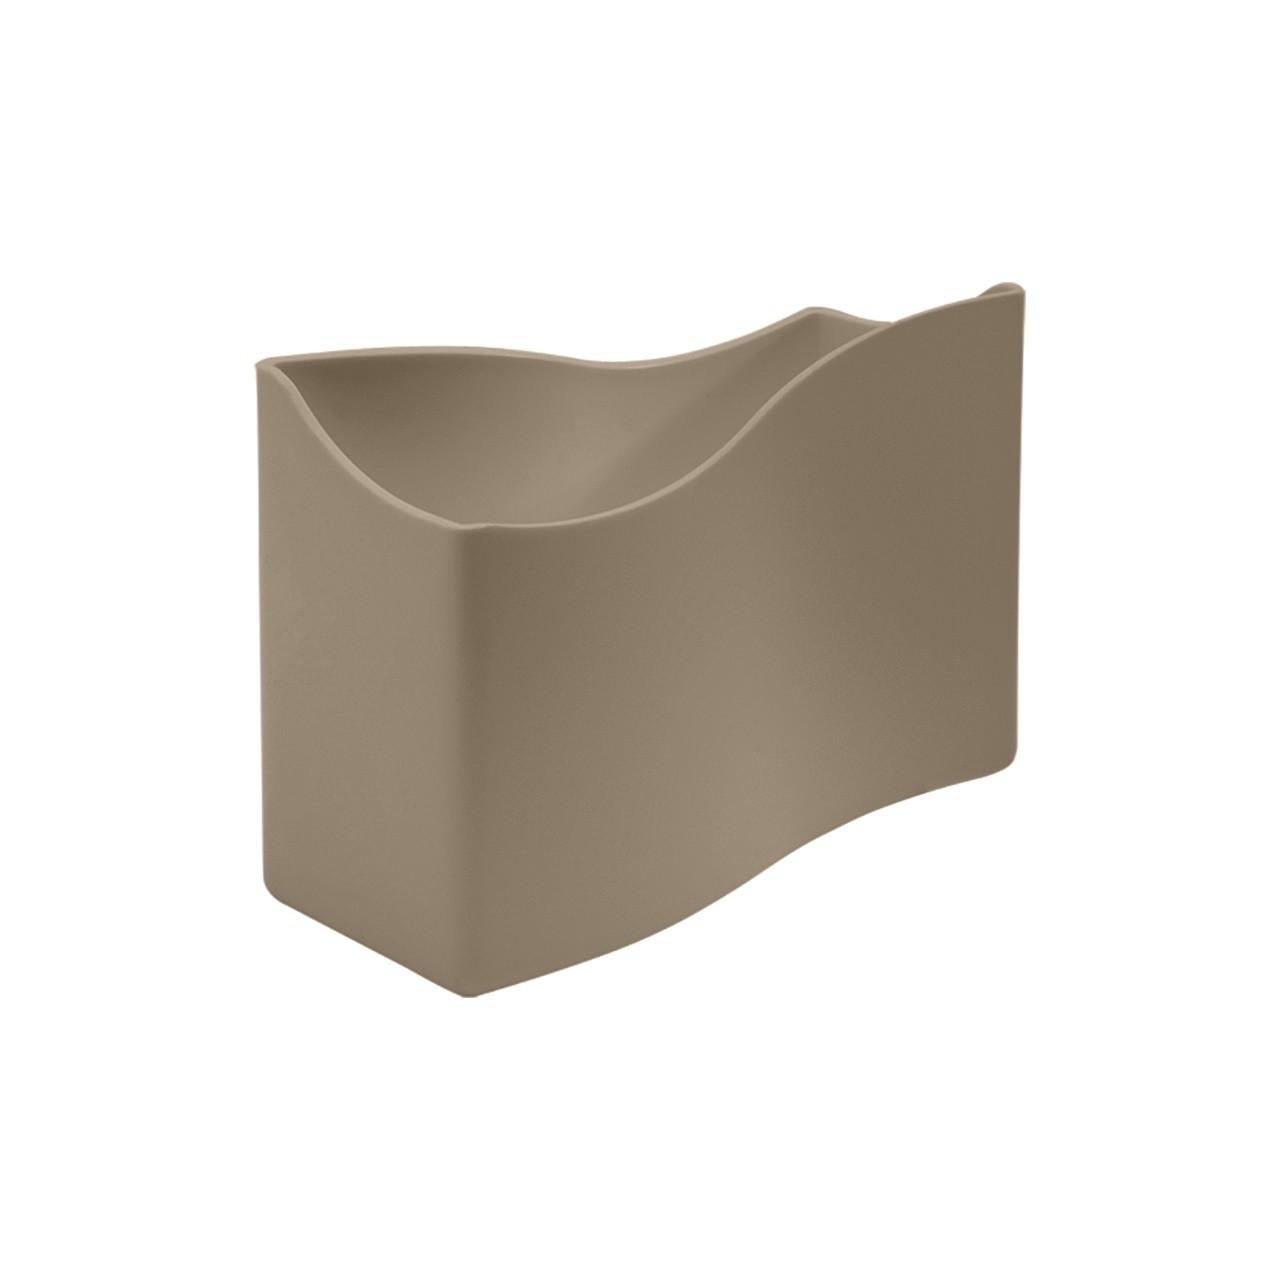 Porta-guardanapo de Plastico Warm gray - 105000126 - Coza